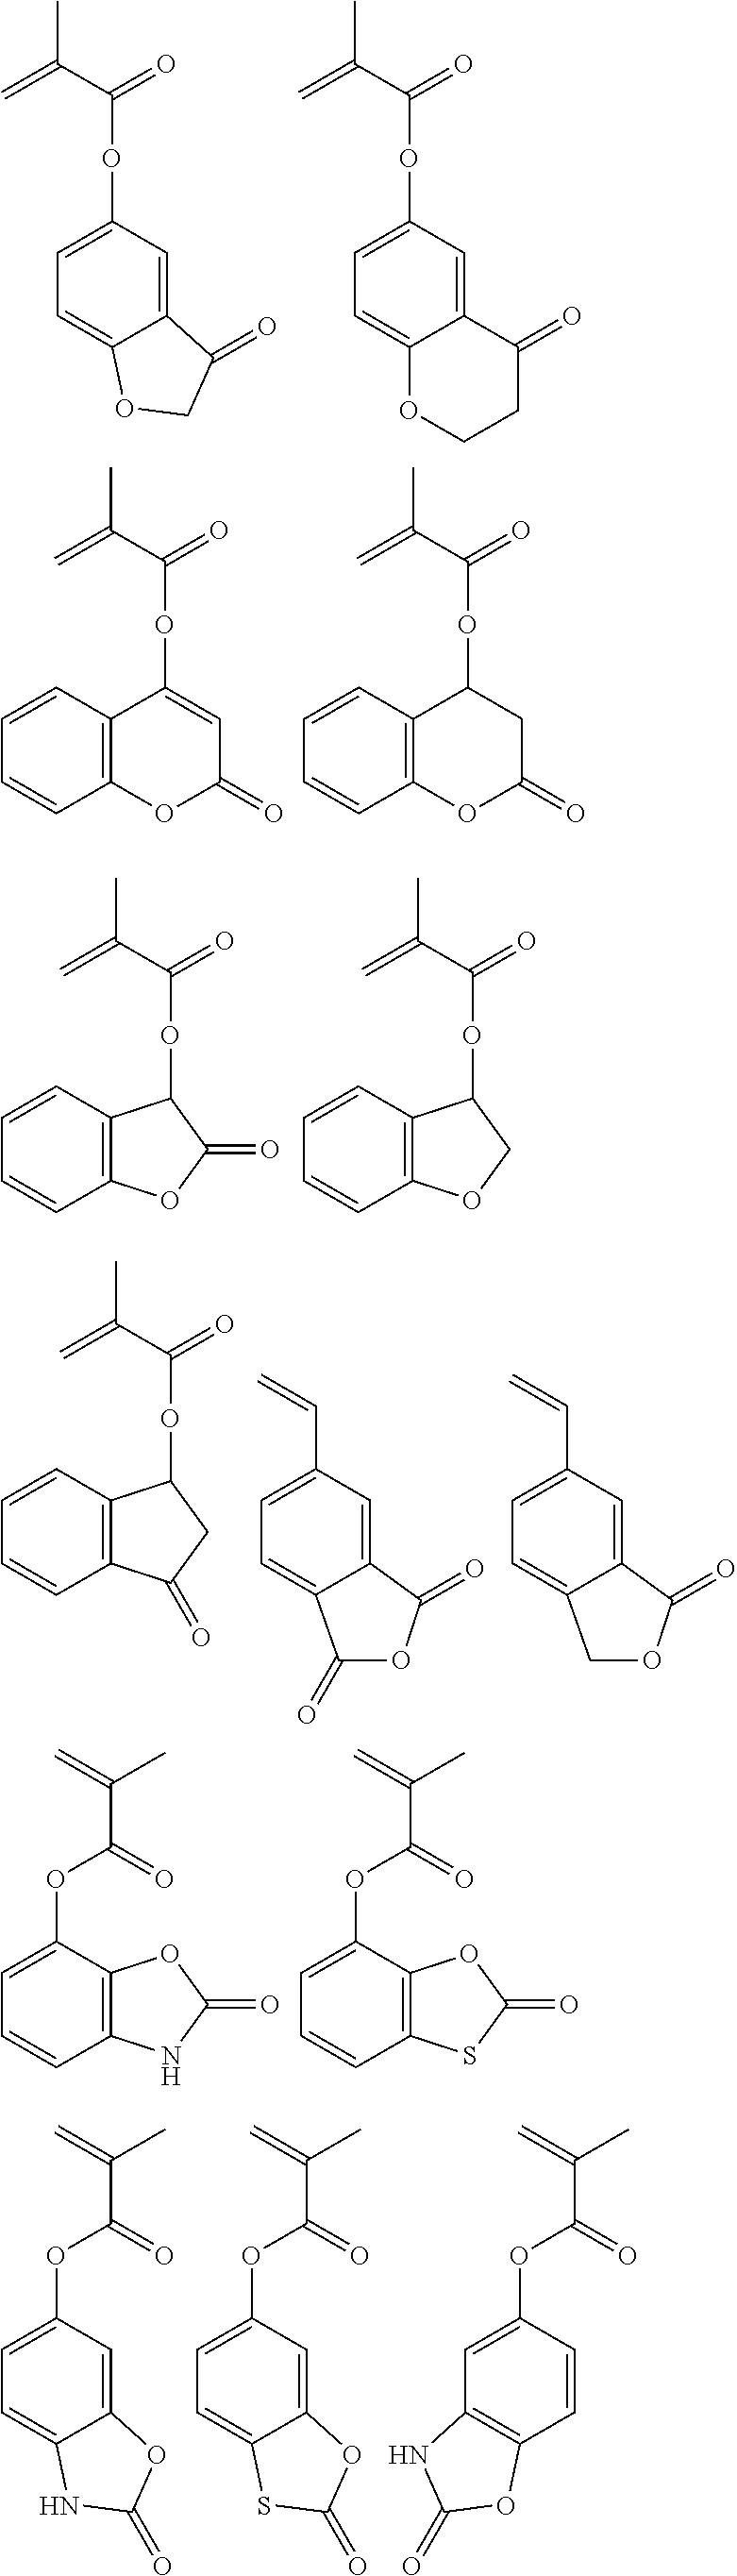 Figure US20110294070A1-20111201-C00048